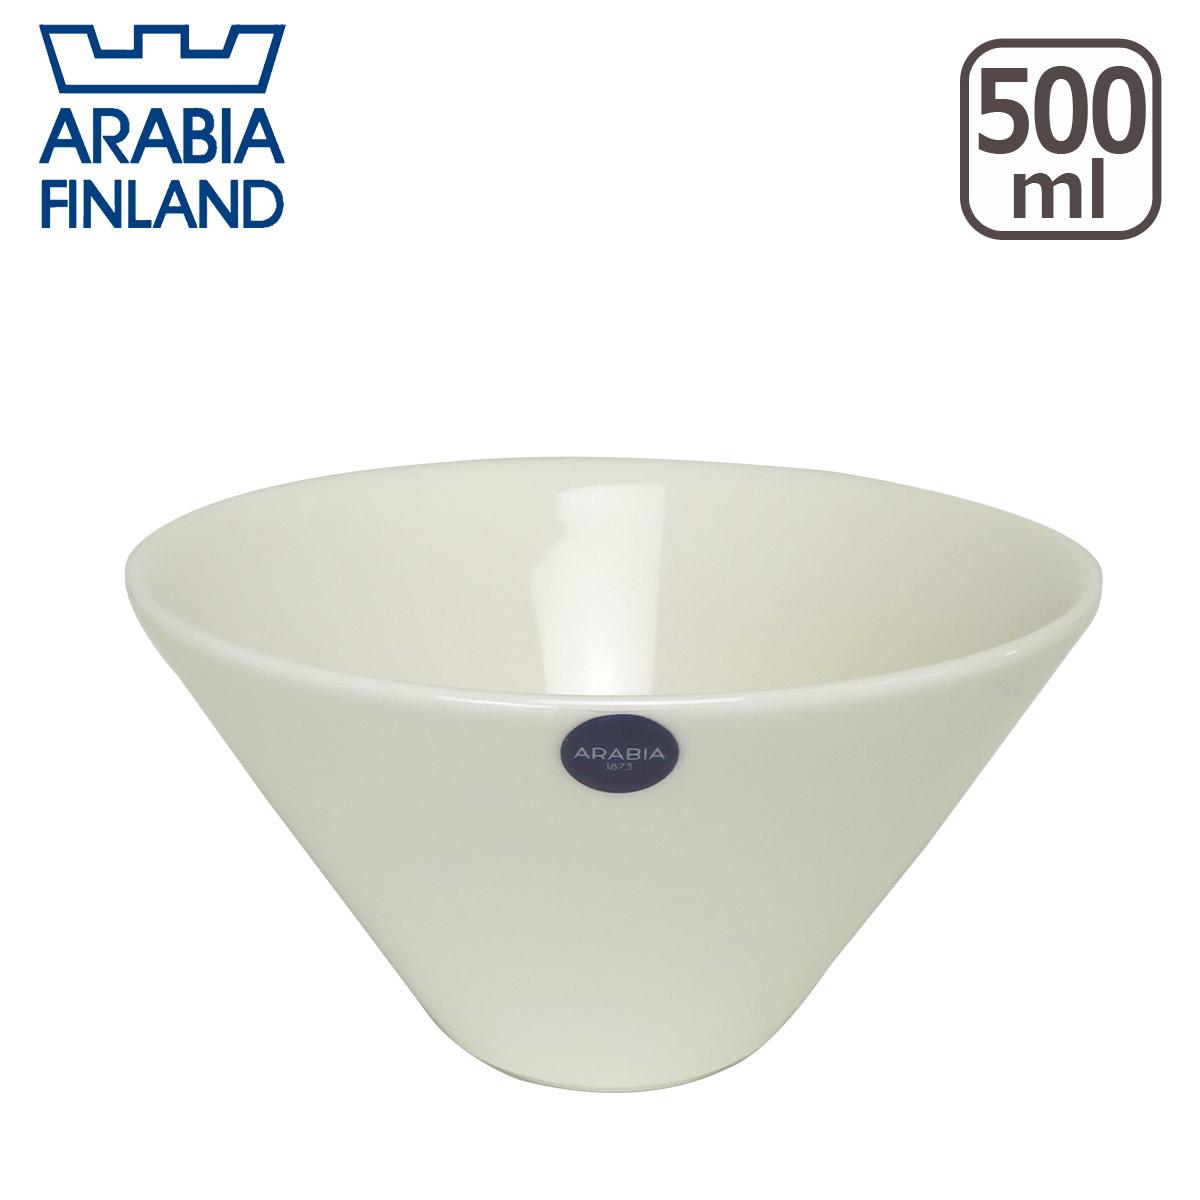 【3%offクーポン】アラビア(Arabia) ココ(koko) ボウル 500ml ホワイト 北欧 食器 ギフト・のし可 GF3